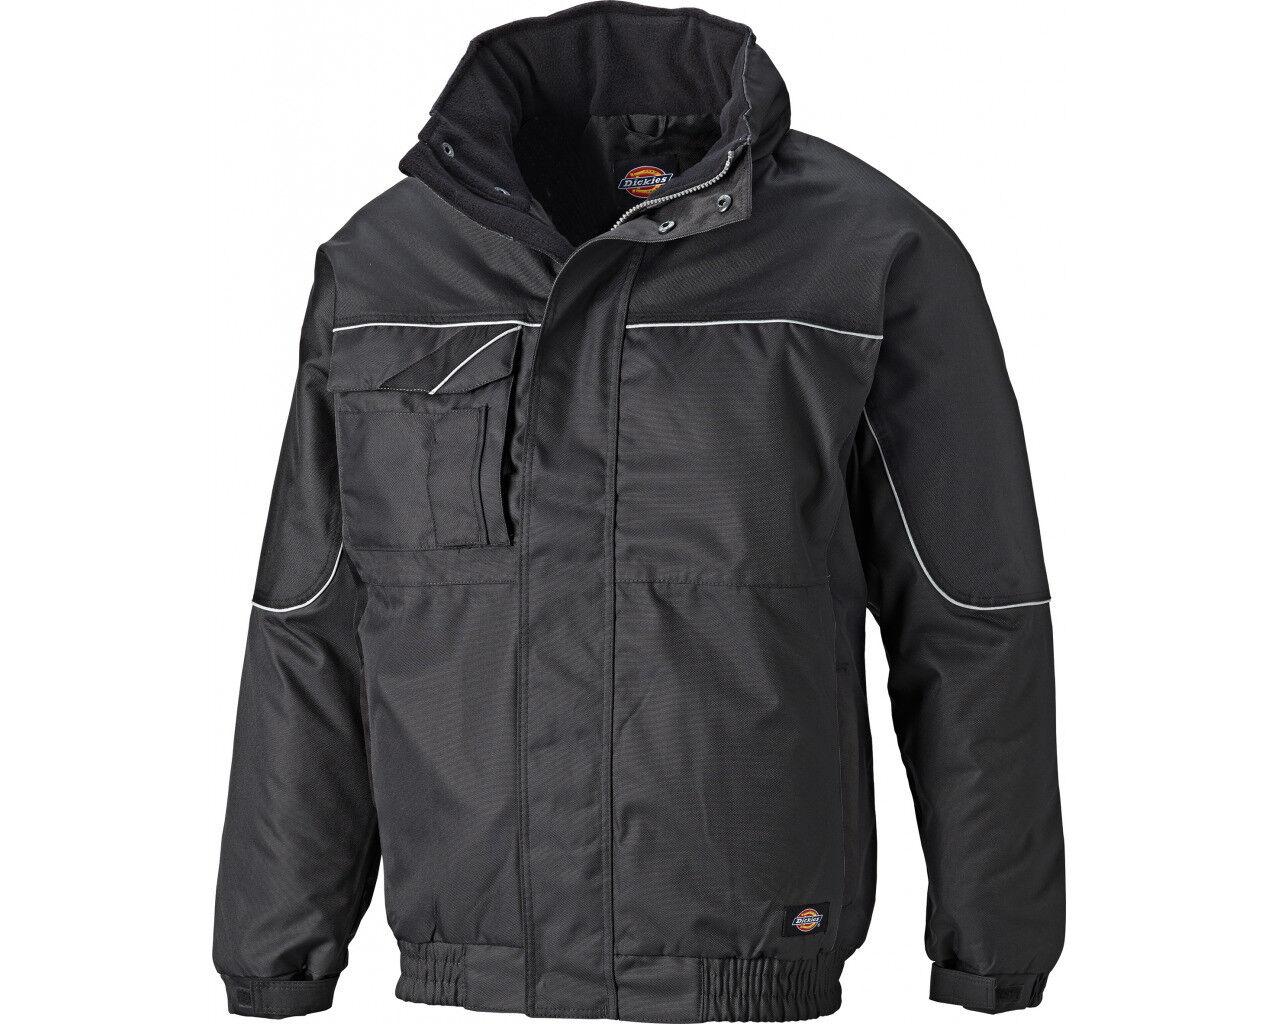 55760f45 Dickies Industry 300 Waterproof Winter Work Jacket (IN30060) Black - S to  4XL